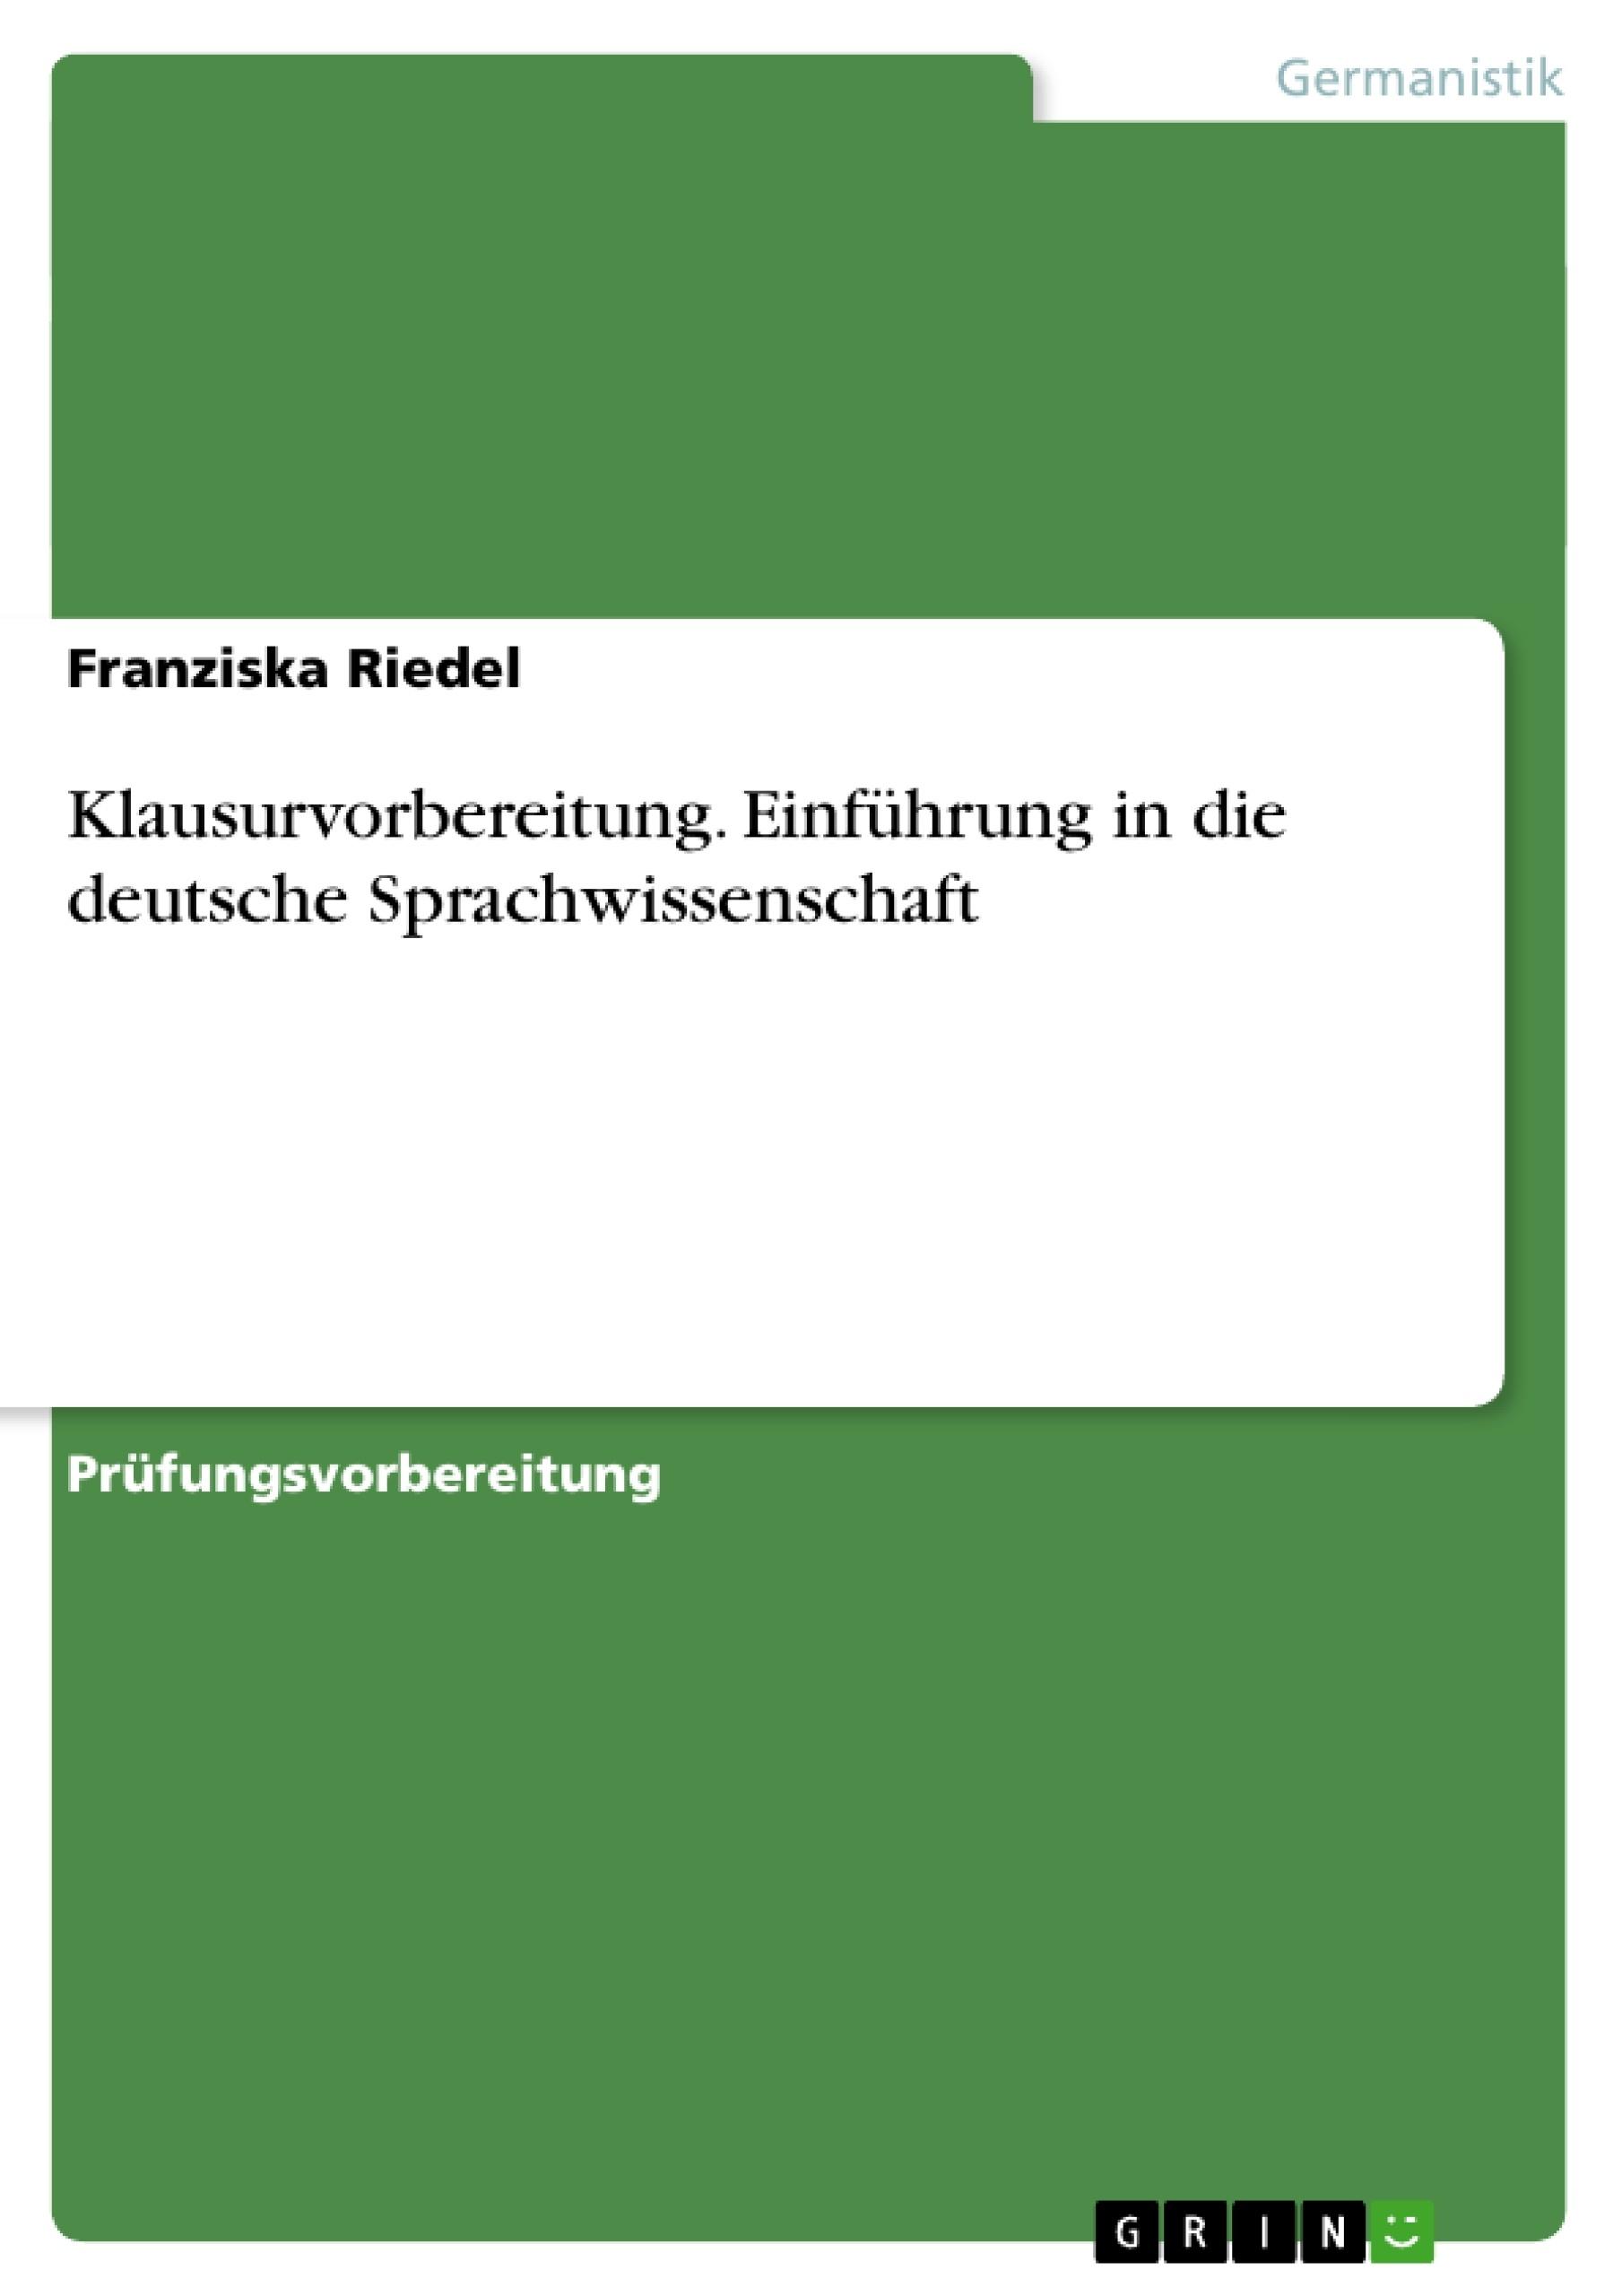 Titel: Klausurvorbereitung. Einführung in die deutsche Sprachwissenschaft